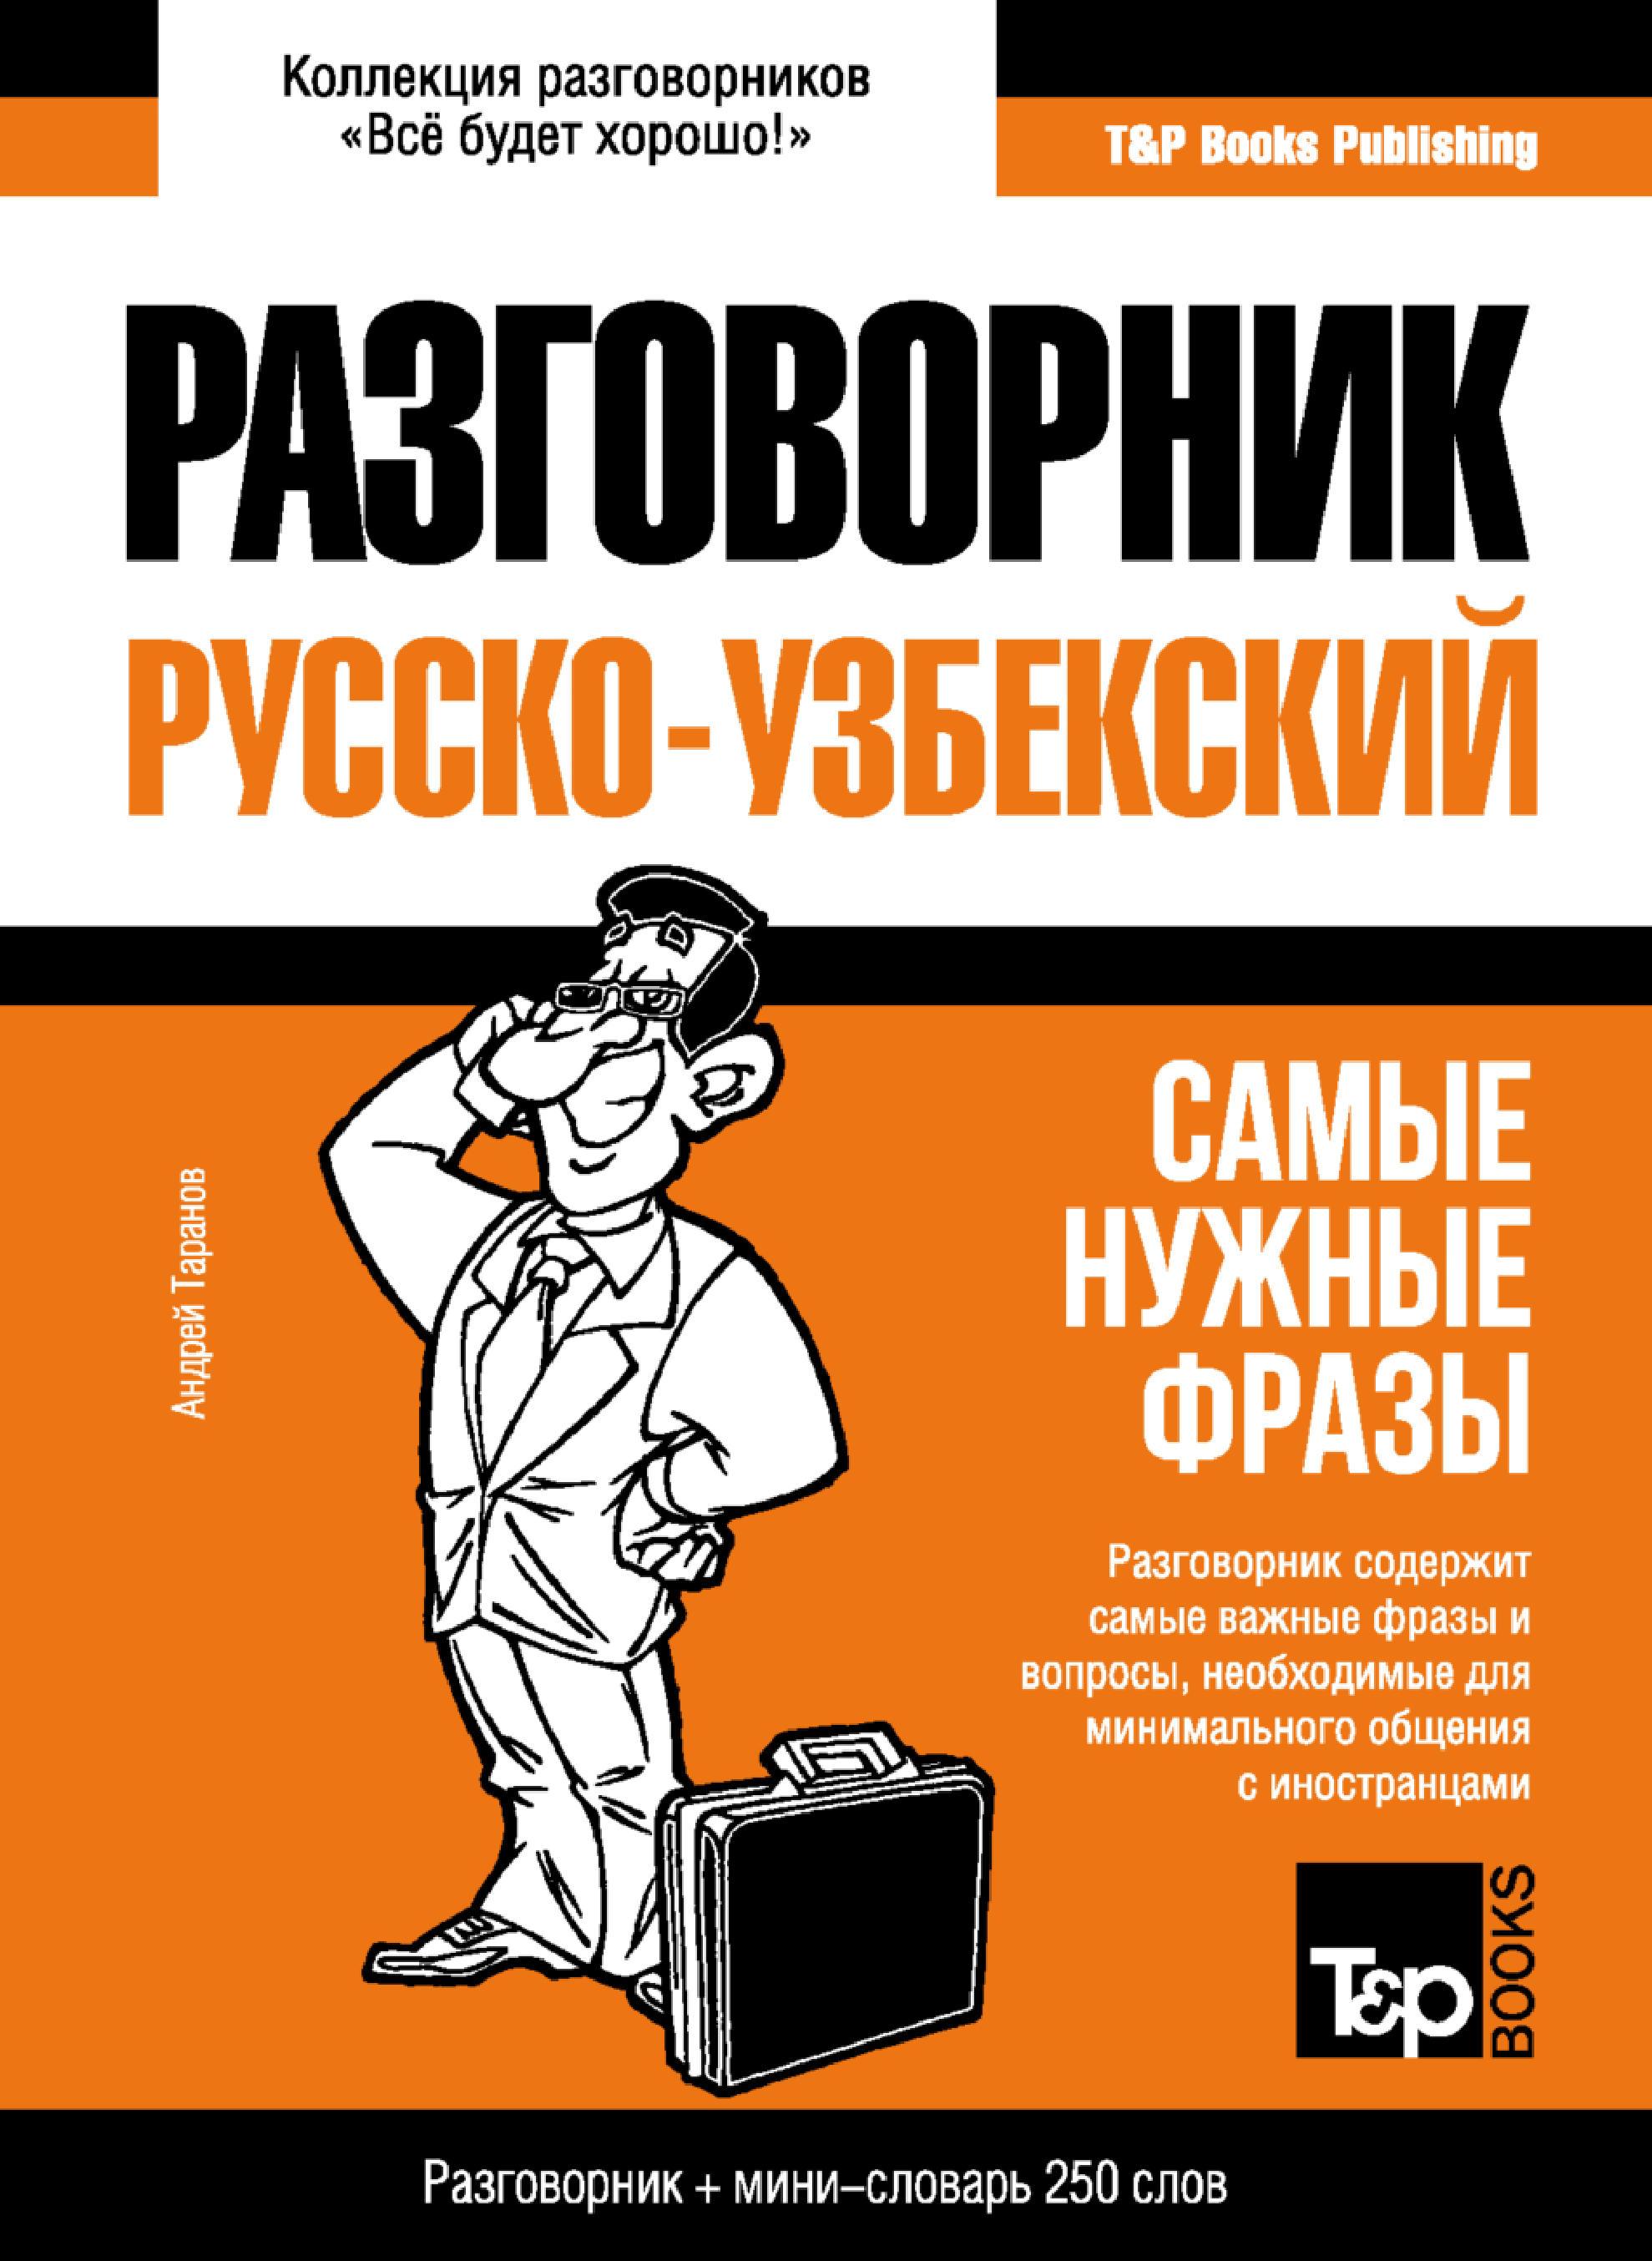 Узбекский разговорник и мини-словарь